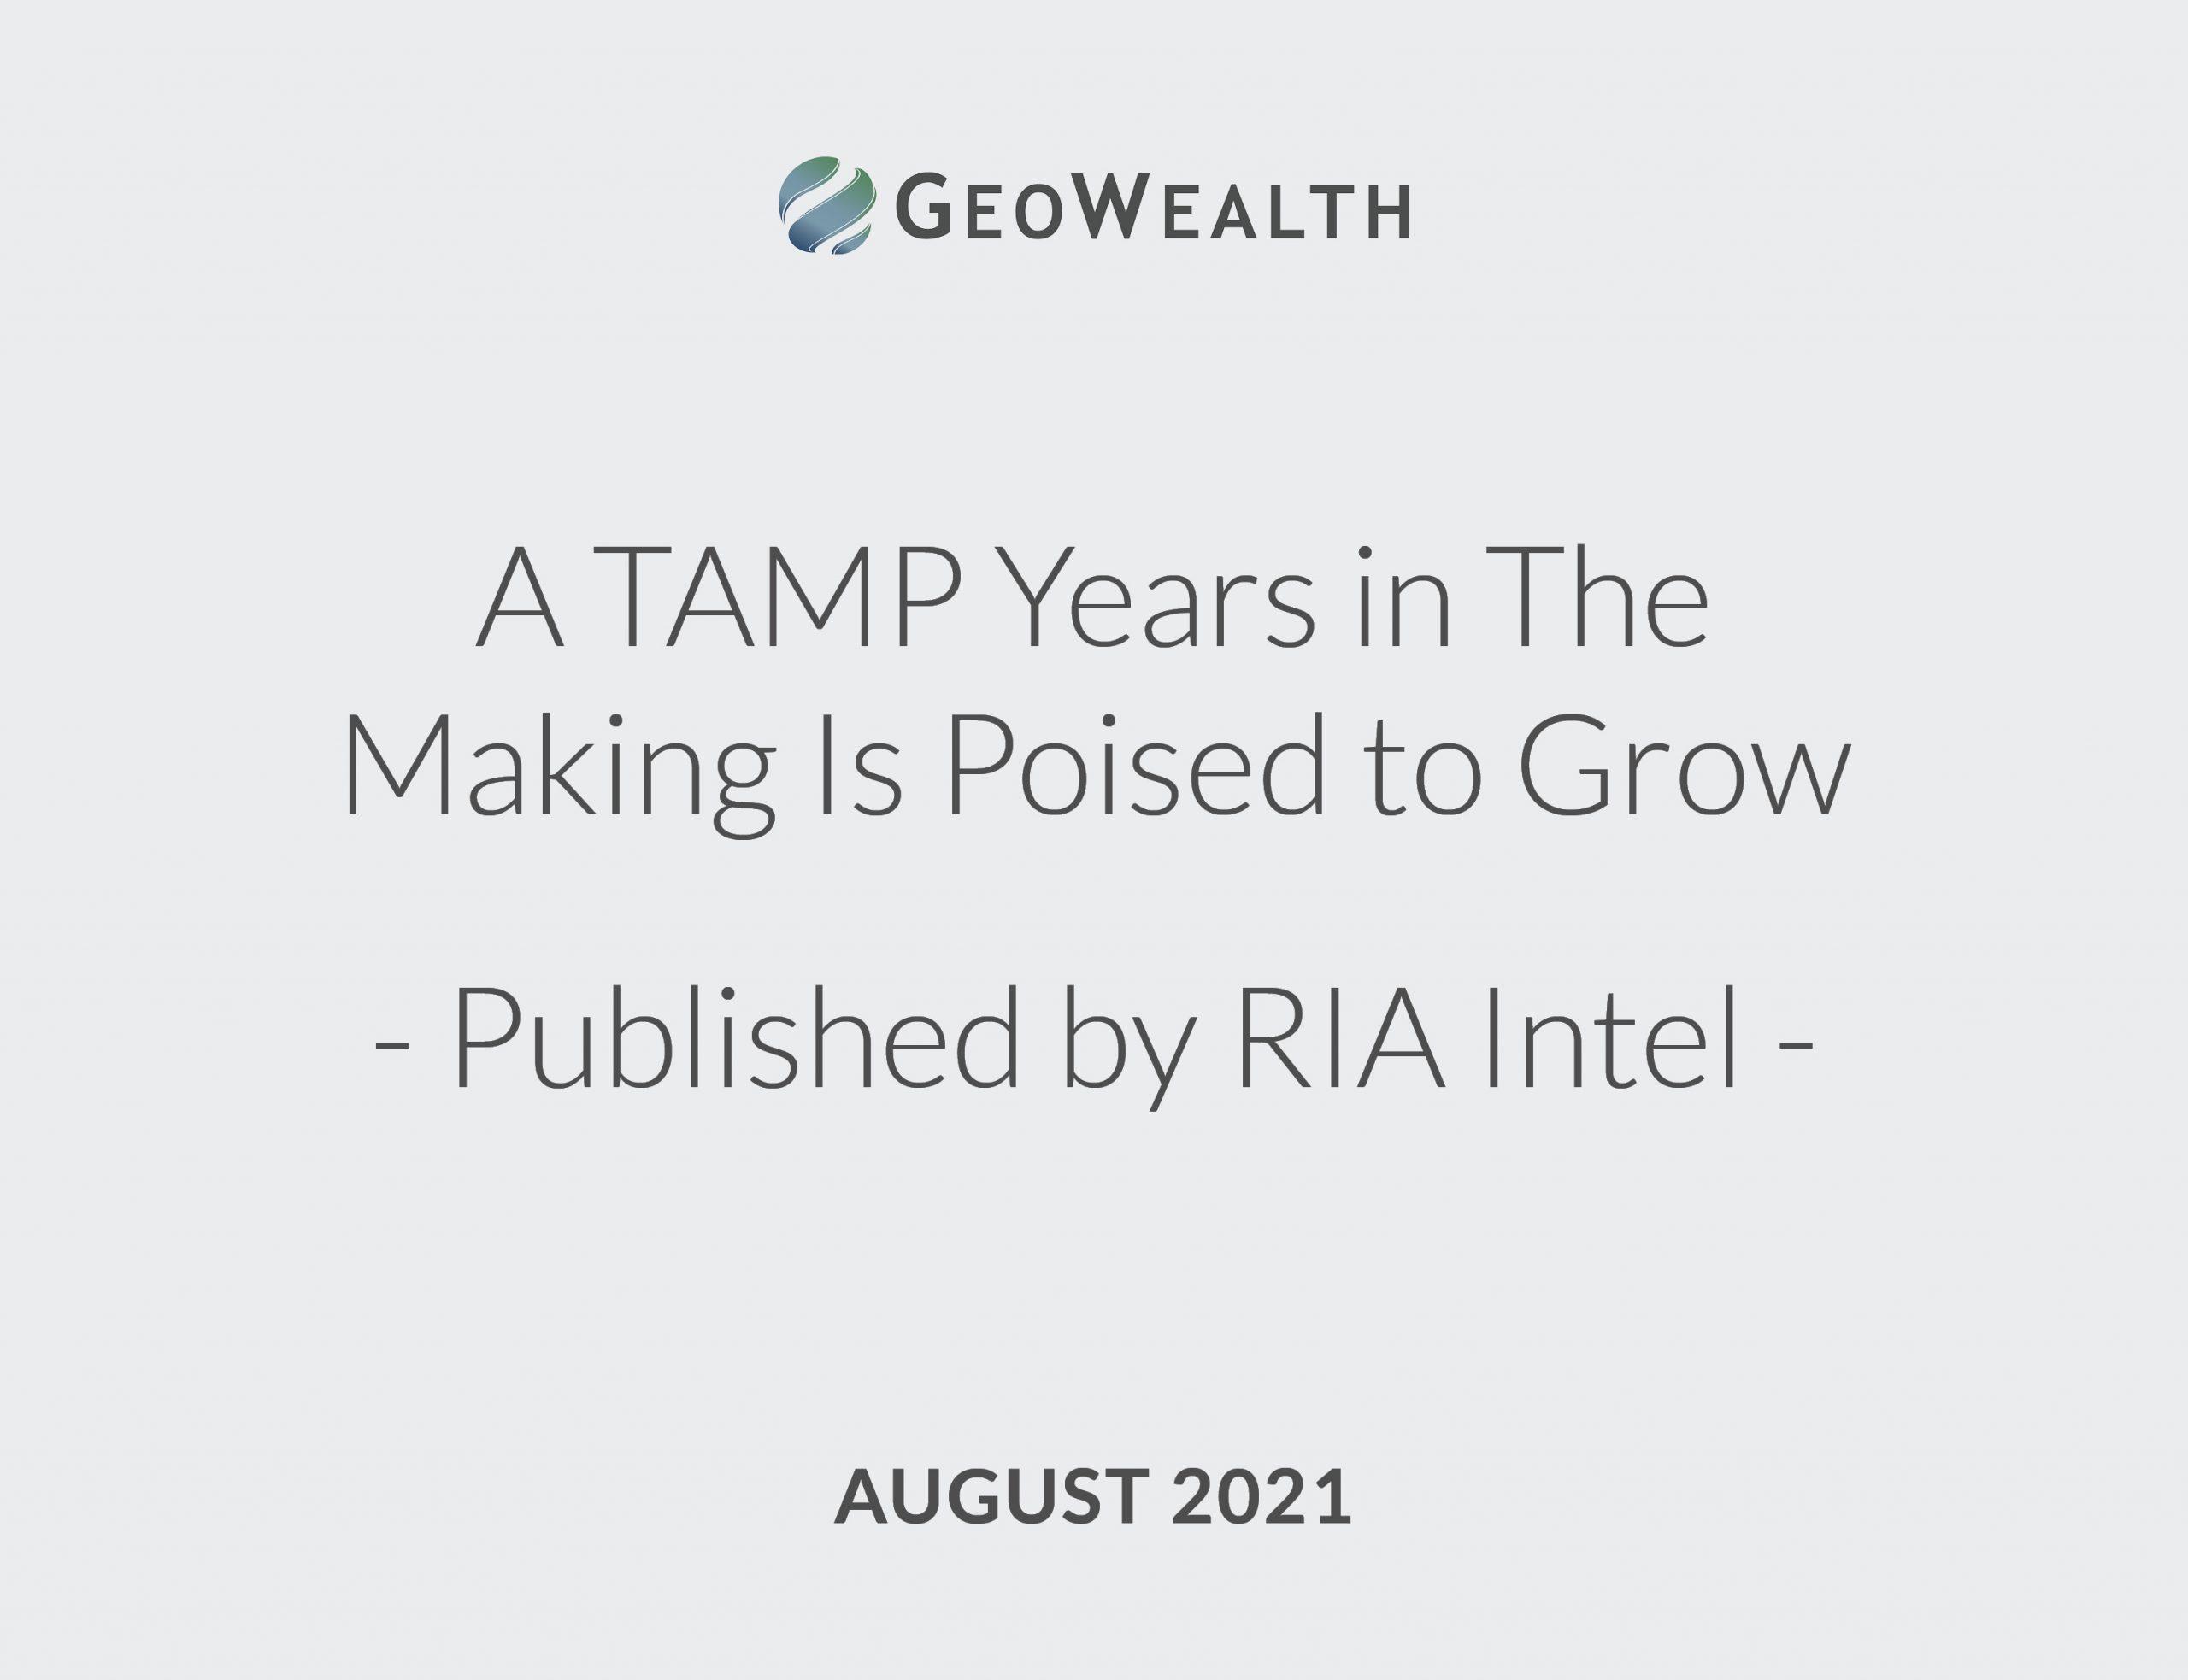 GeoWealth RIA Intel